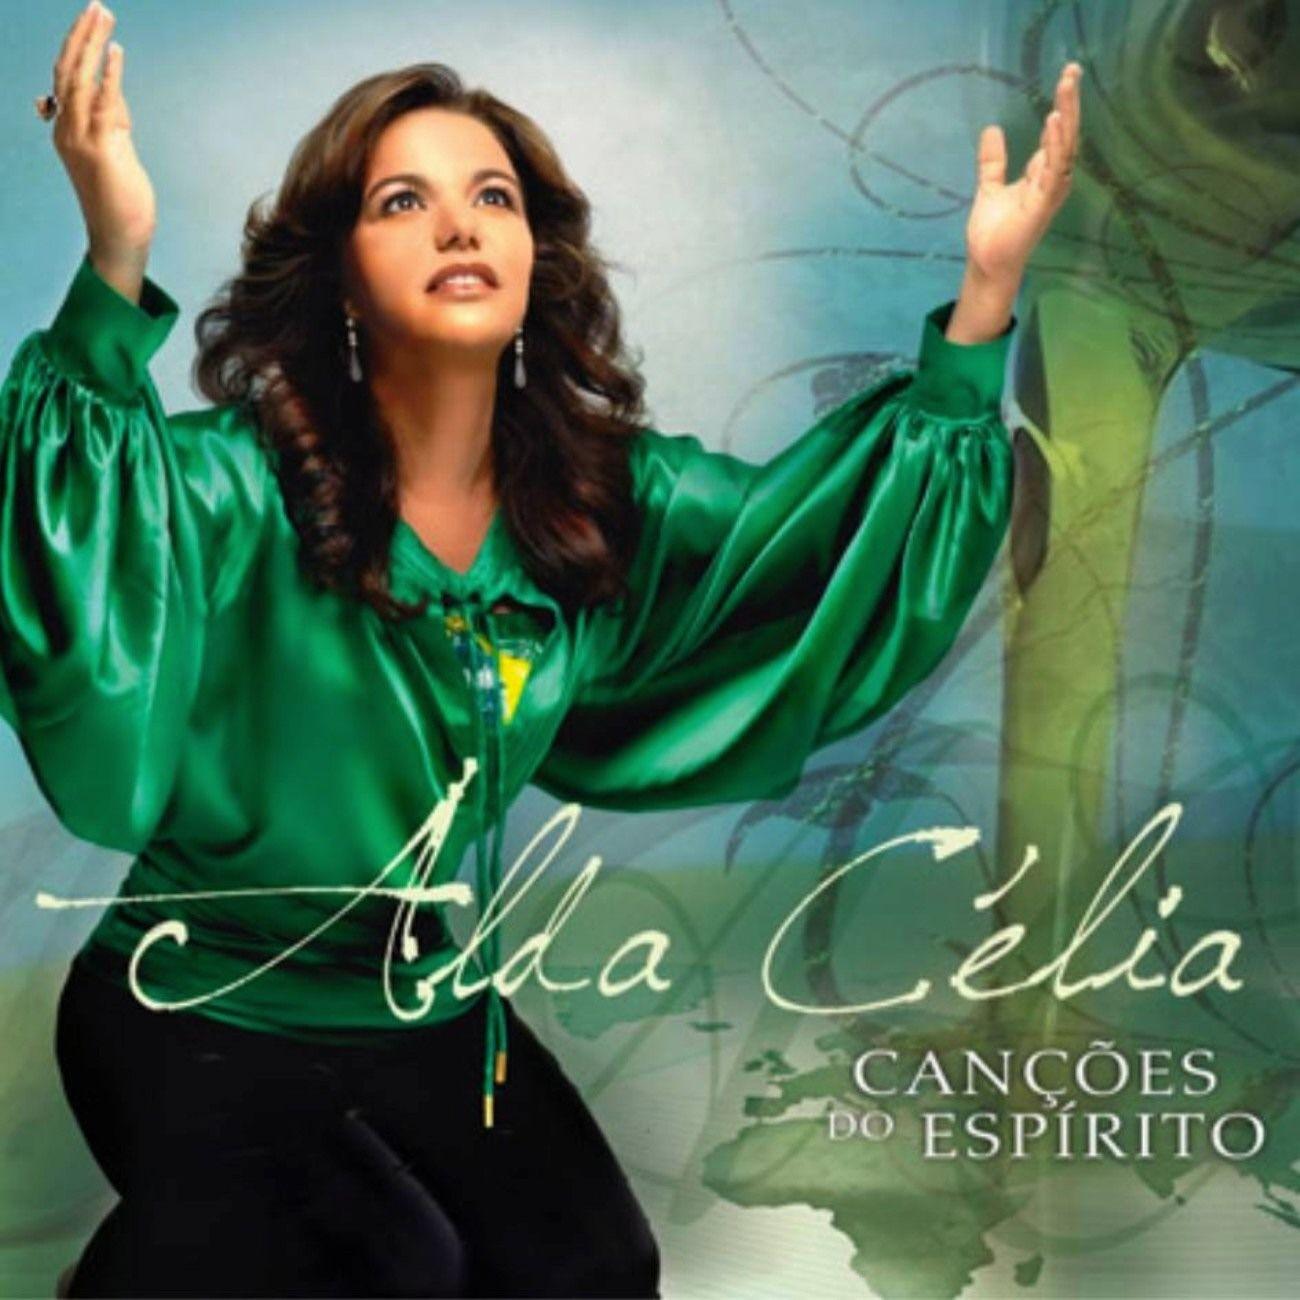 ALDA 2012 CELIA CD GRATIS BAIXAR